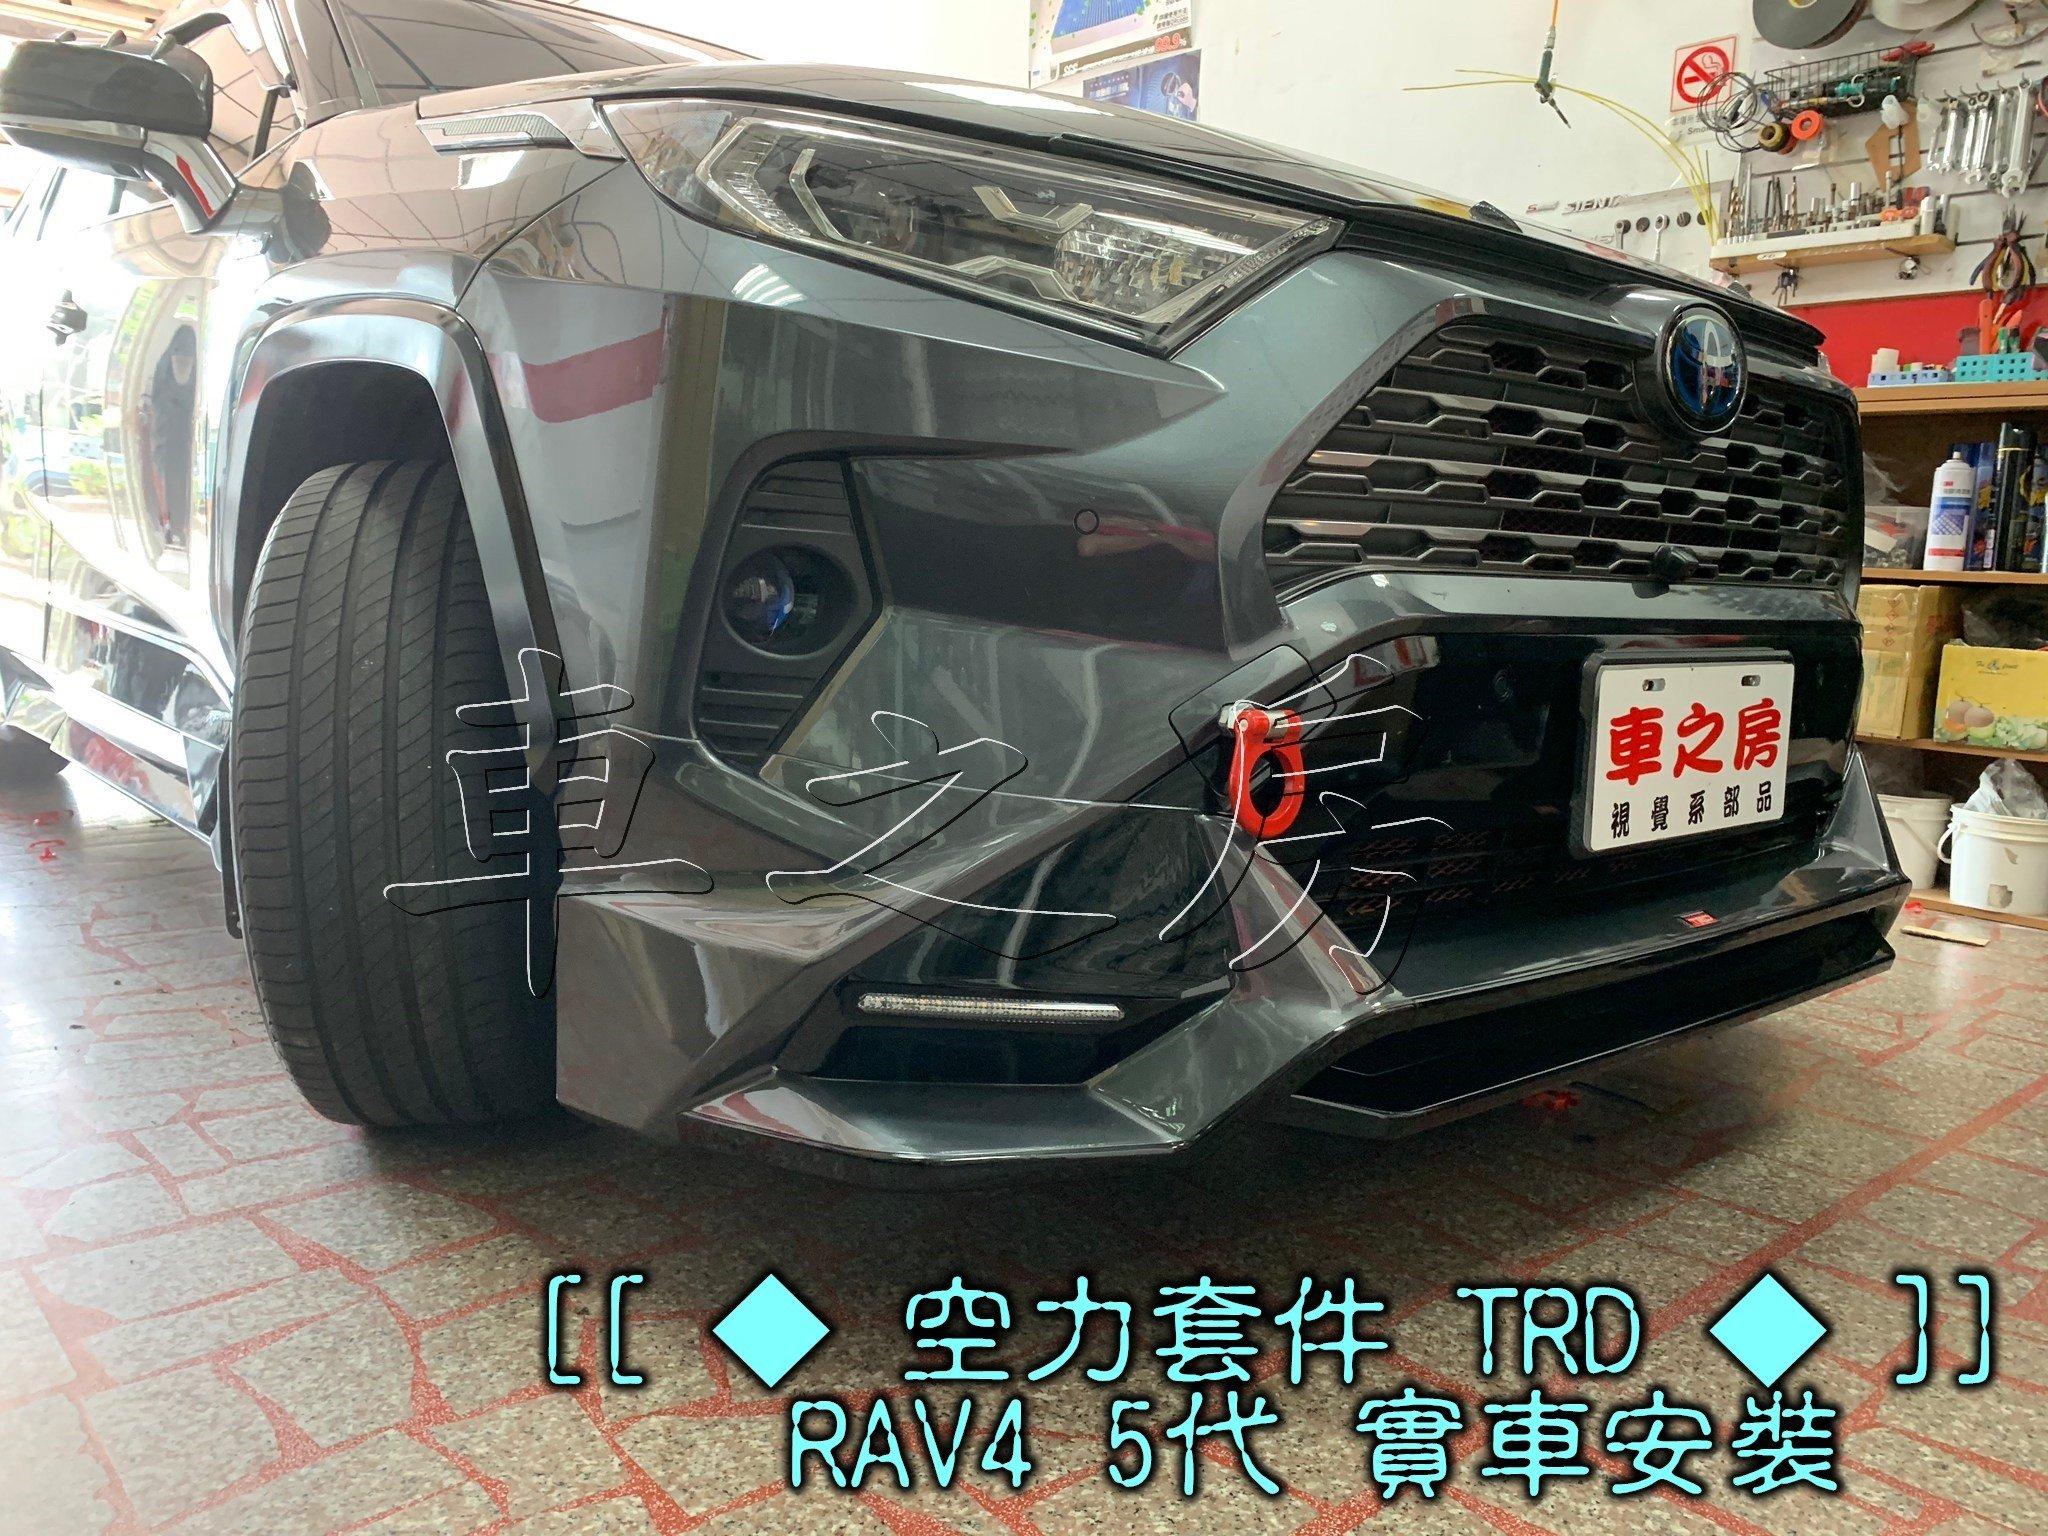 (車之房) RAV4 5代 五代 TRD 前下巴 後下巴 日行燈 白光 空力套件